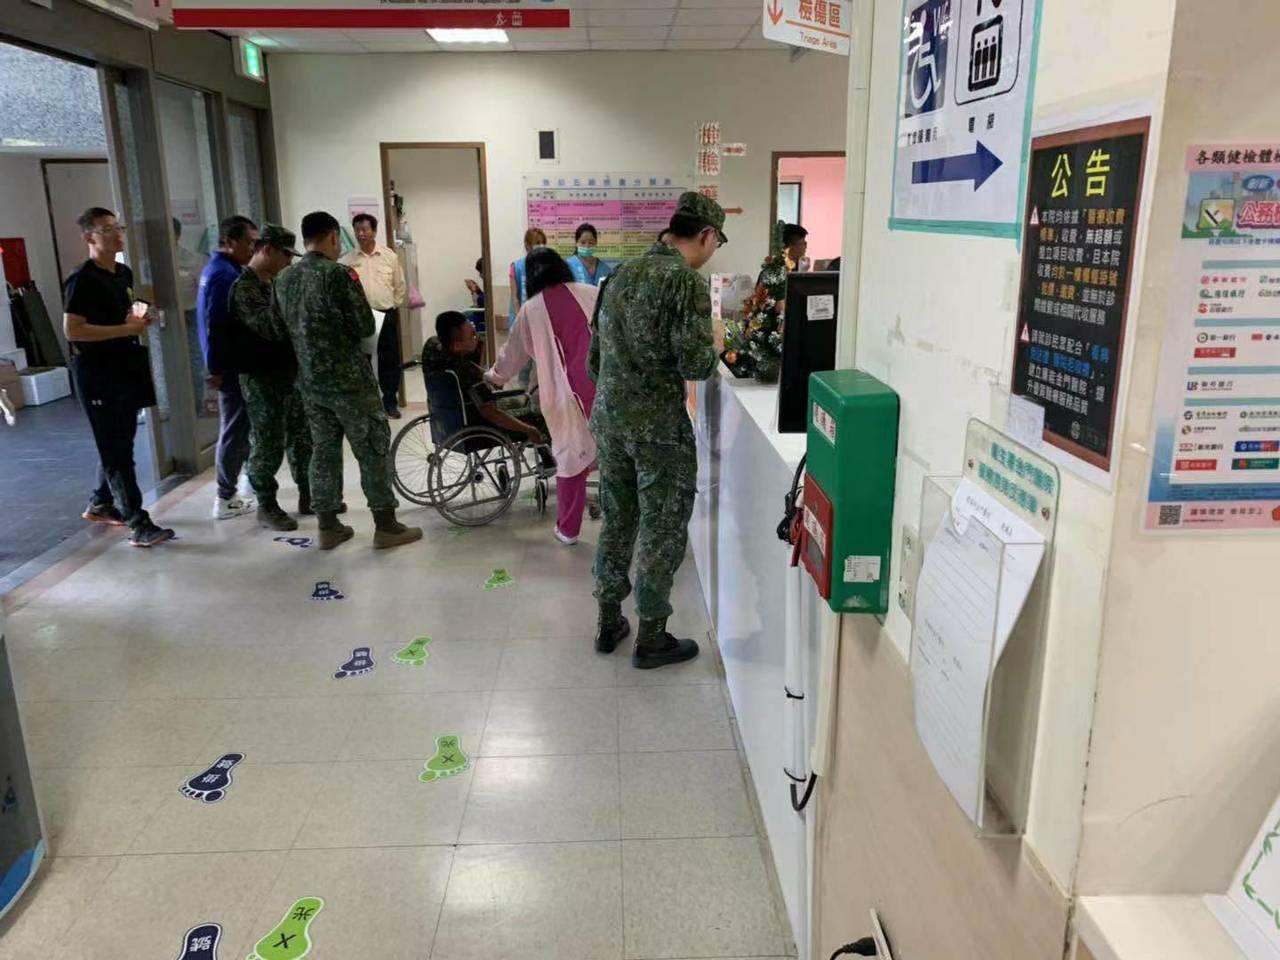 陸軍金門防衛指揮部3名士兵四肢輕微擦傷及灼傷,經過送醫診治後,僅1人留院觀察。圖...